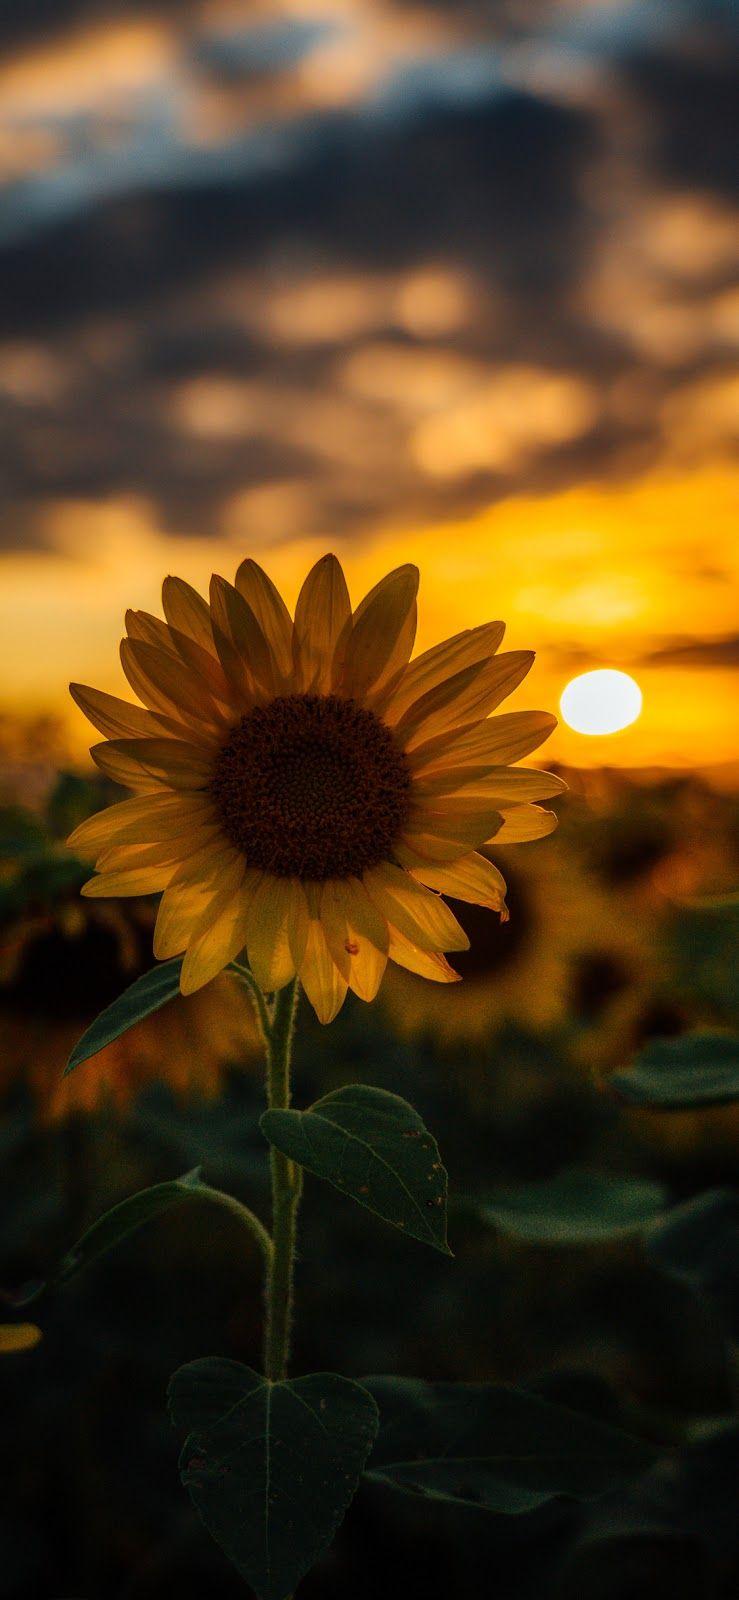 Sunflower wallpaper iphone x